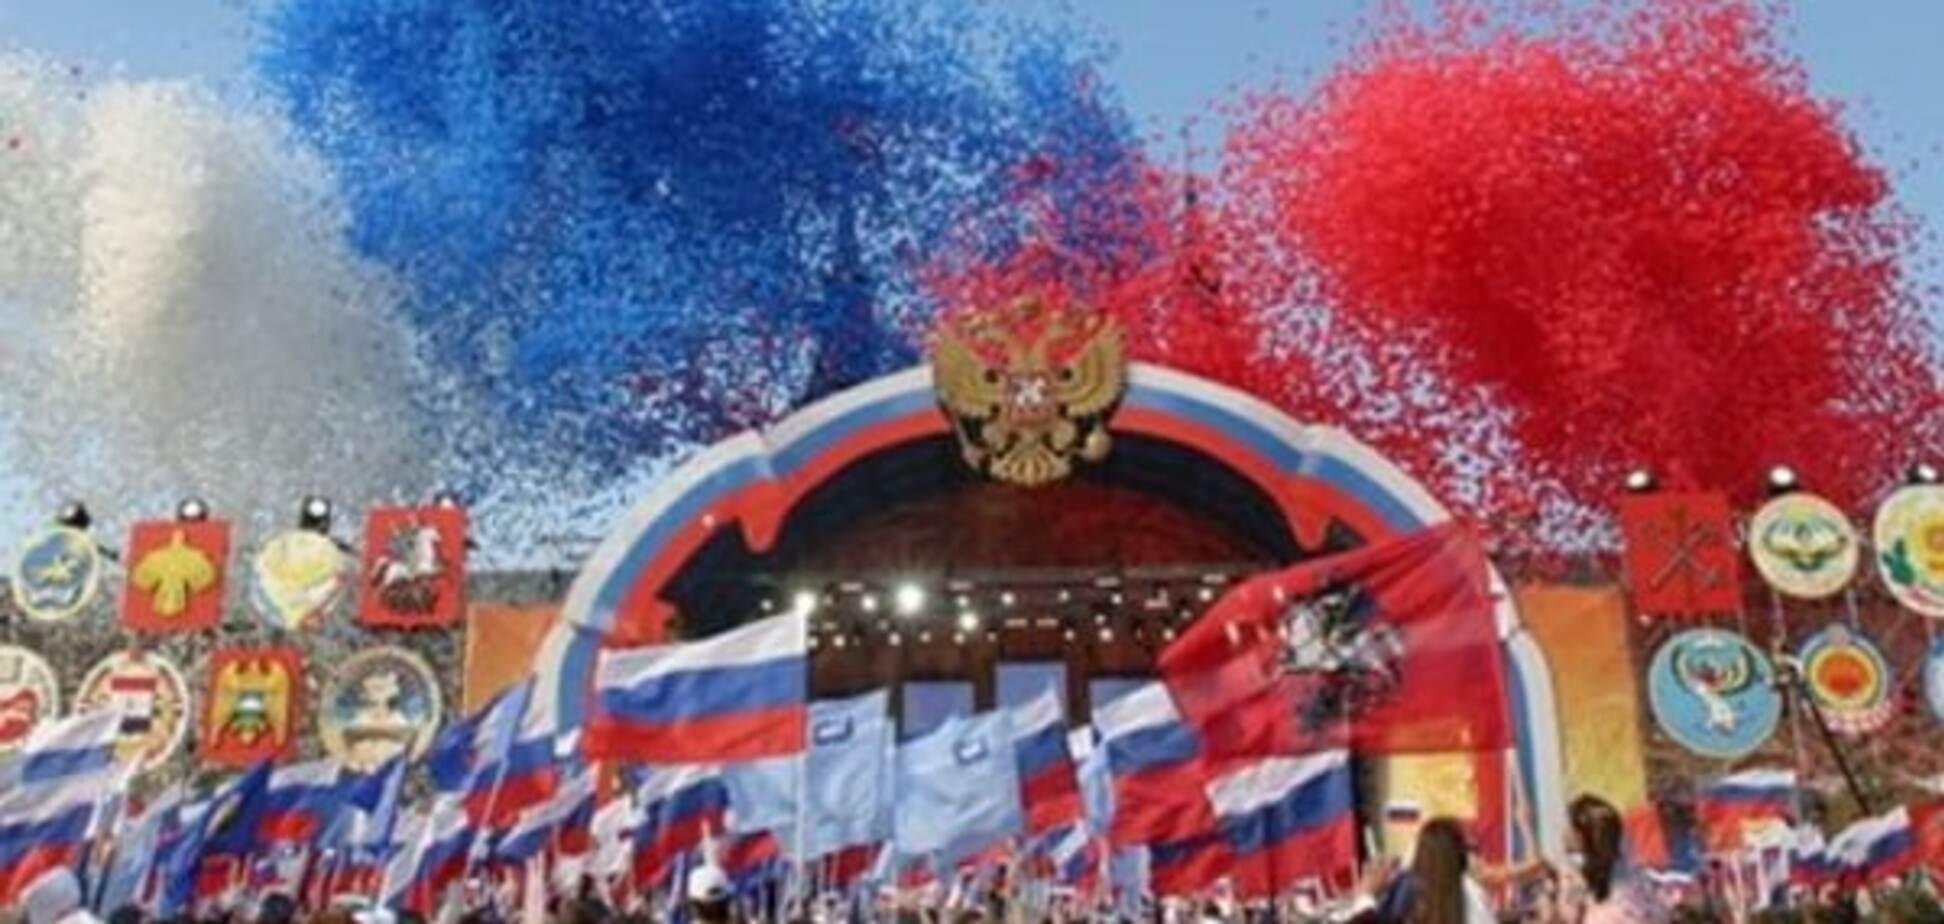 Вас не спрашивают: Минобороны РФ 'отправило' западных звезд на фестиваль в Крыму